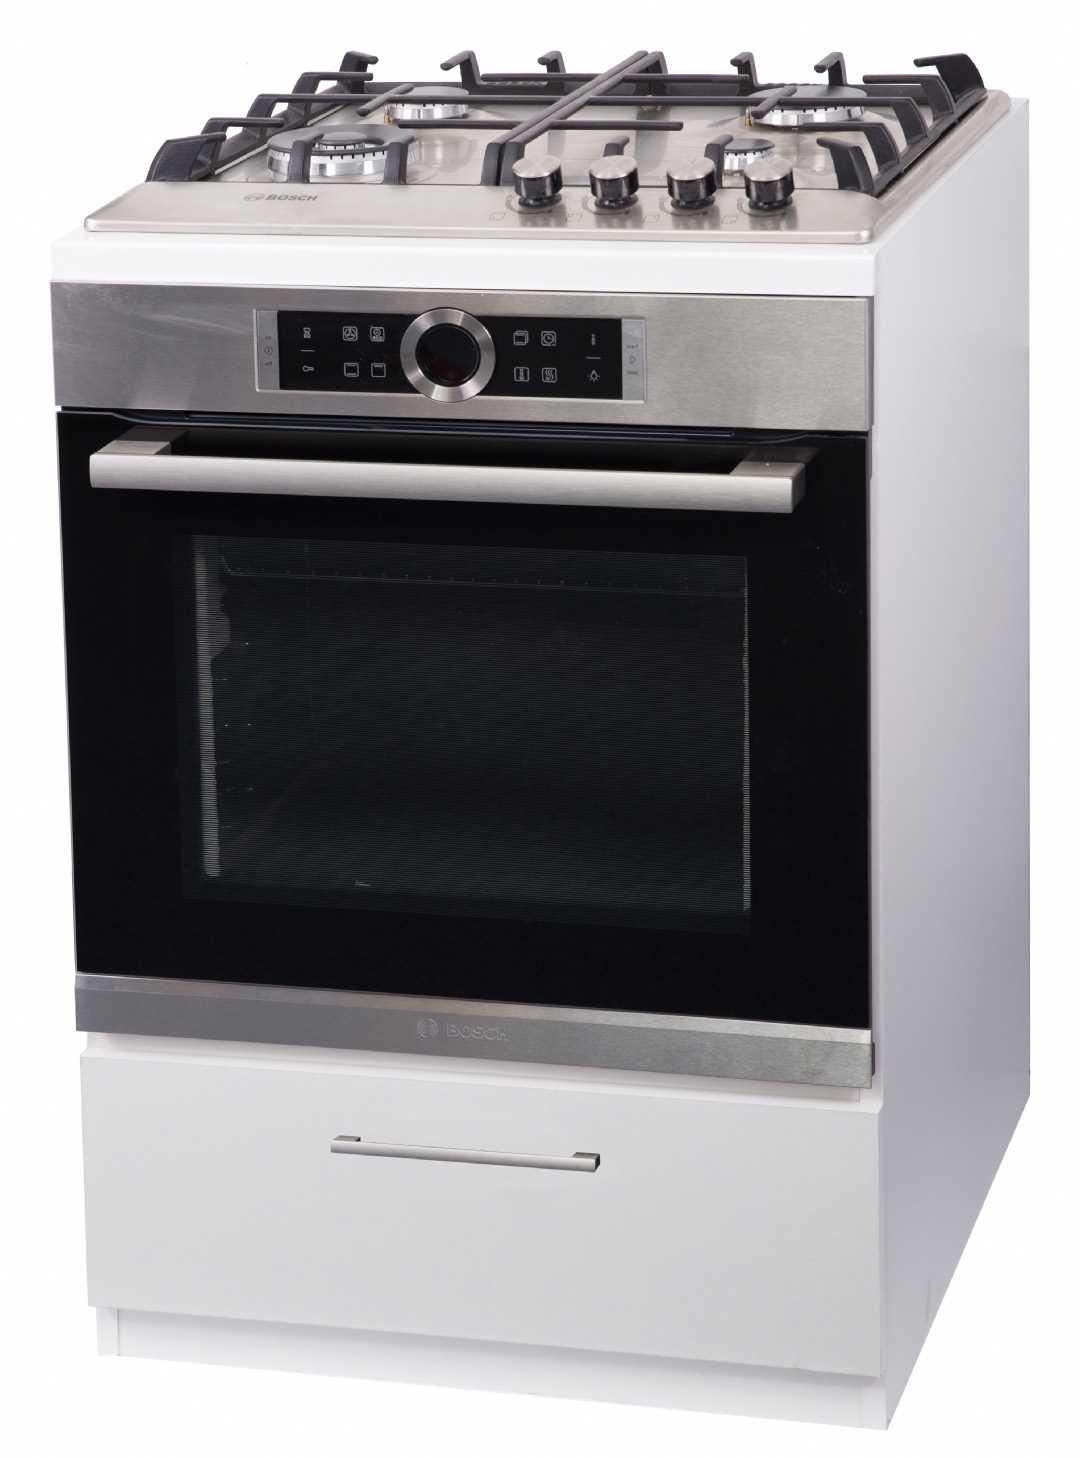 ארונית בסיסית גוון 773 לבן לתנור וכיריים בילט אין מתוצרת אביעם